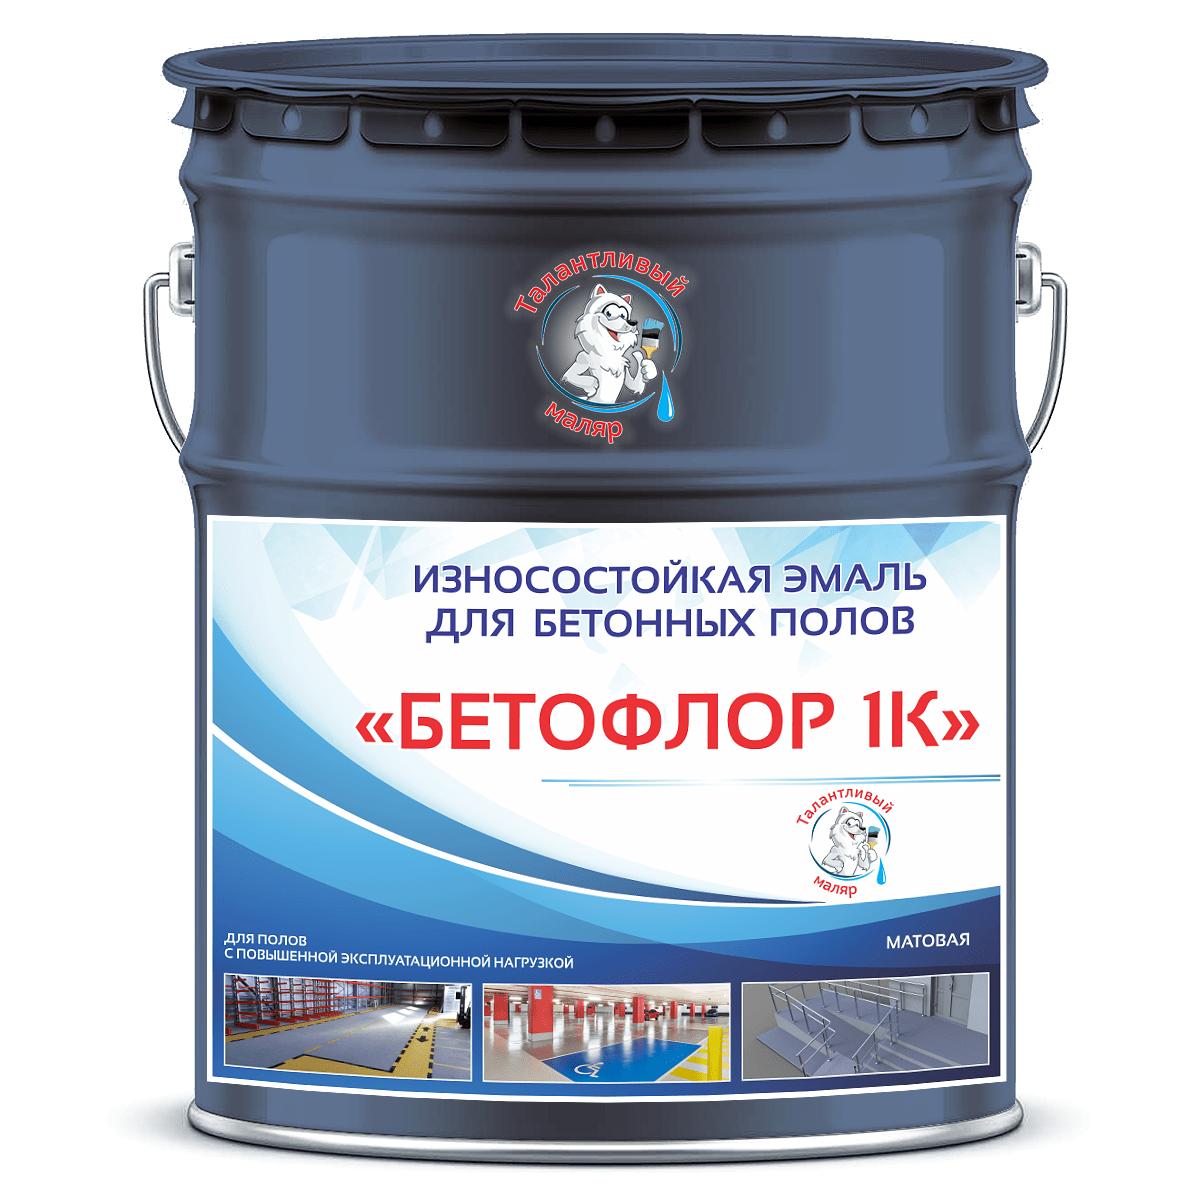 """Фото 23 - BF5011 Эмаль для бетонных полов """"Бетофлор"""" 1К цвет RAL 5011 Синяя сталь, матовая износостойкая, 25 кг """"Талантливый Маляр""""."""